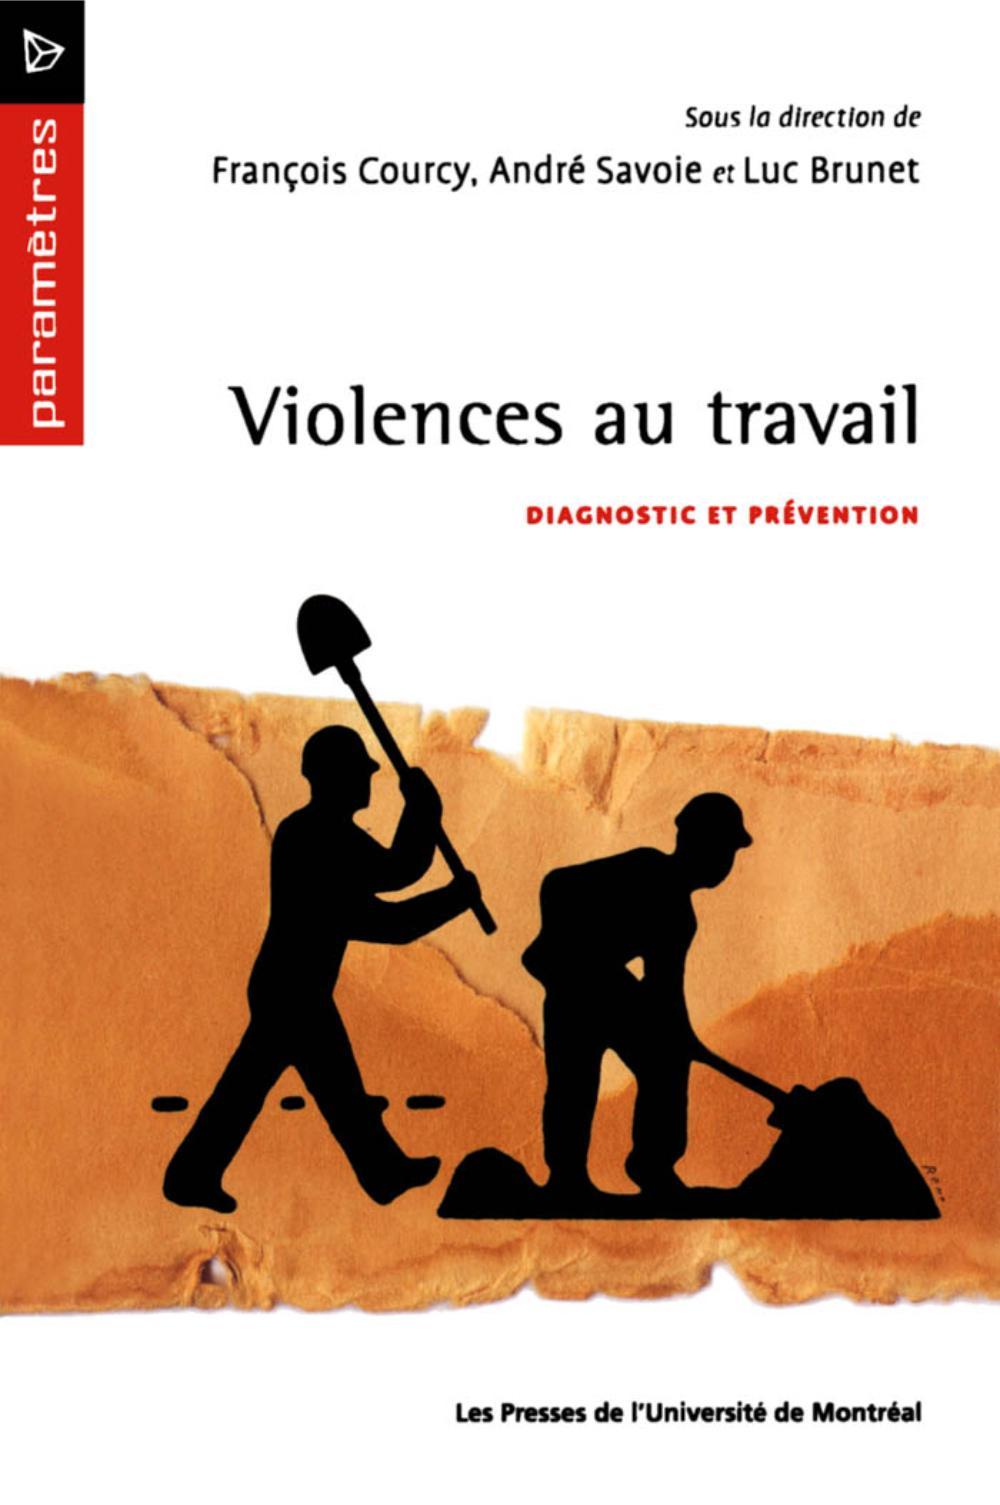 Violences au travail. Diagnostic et prévention